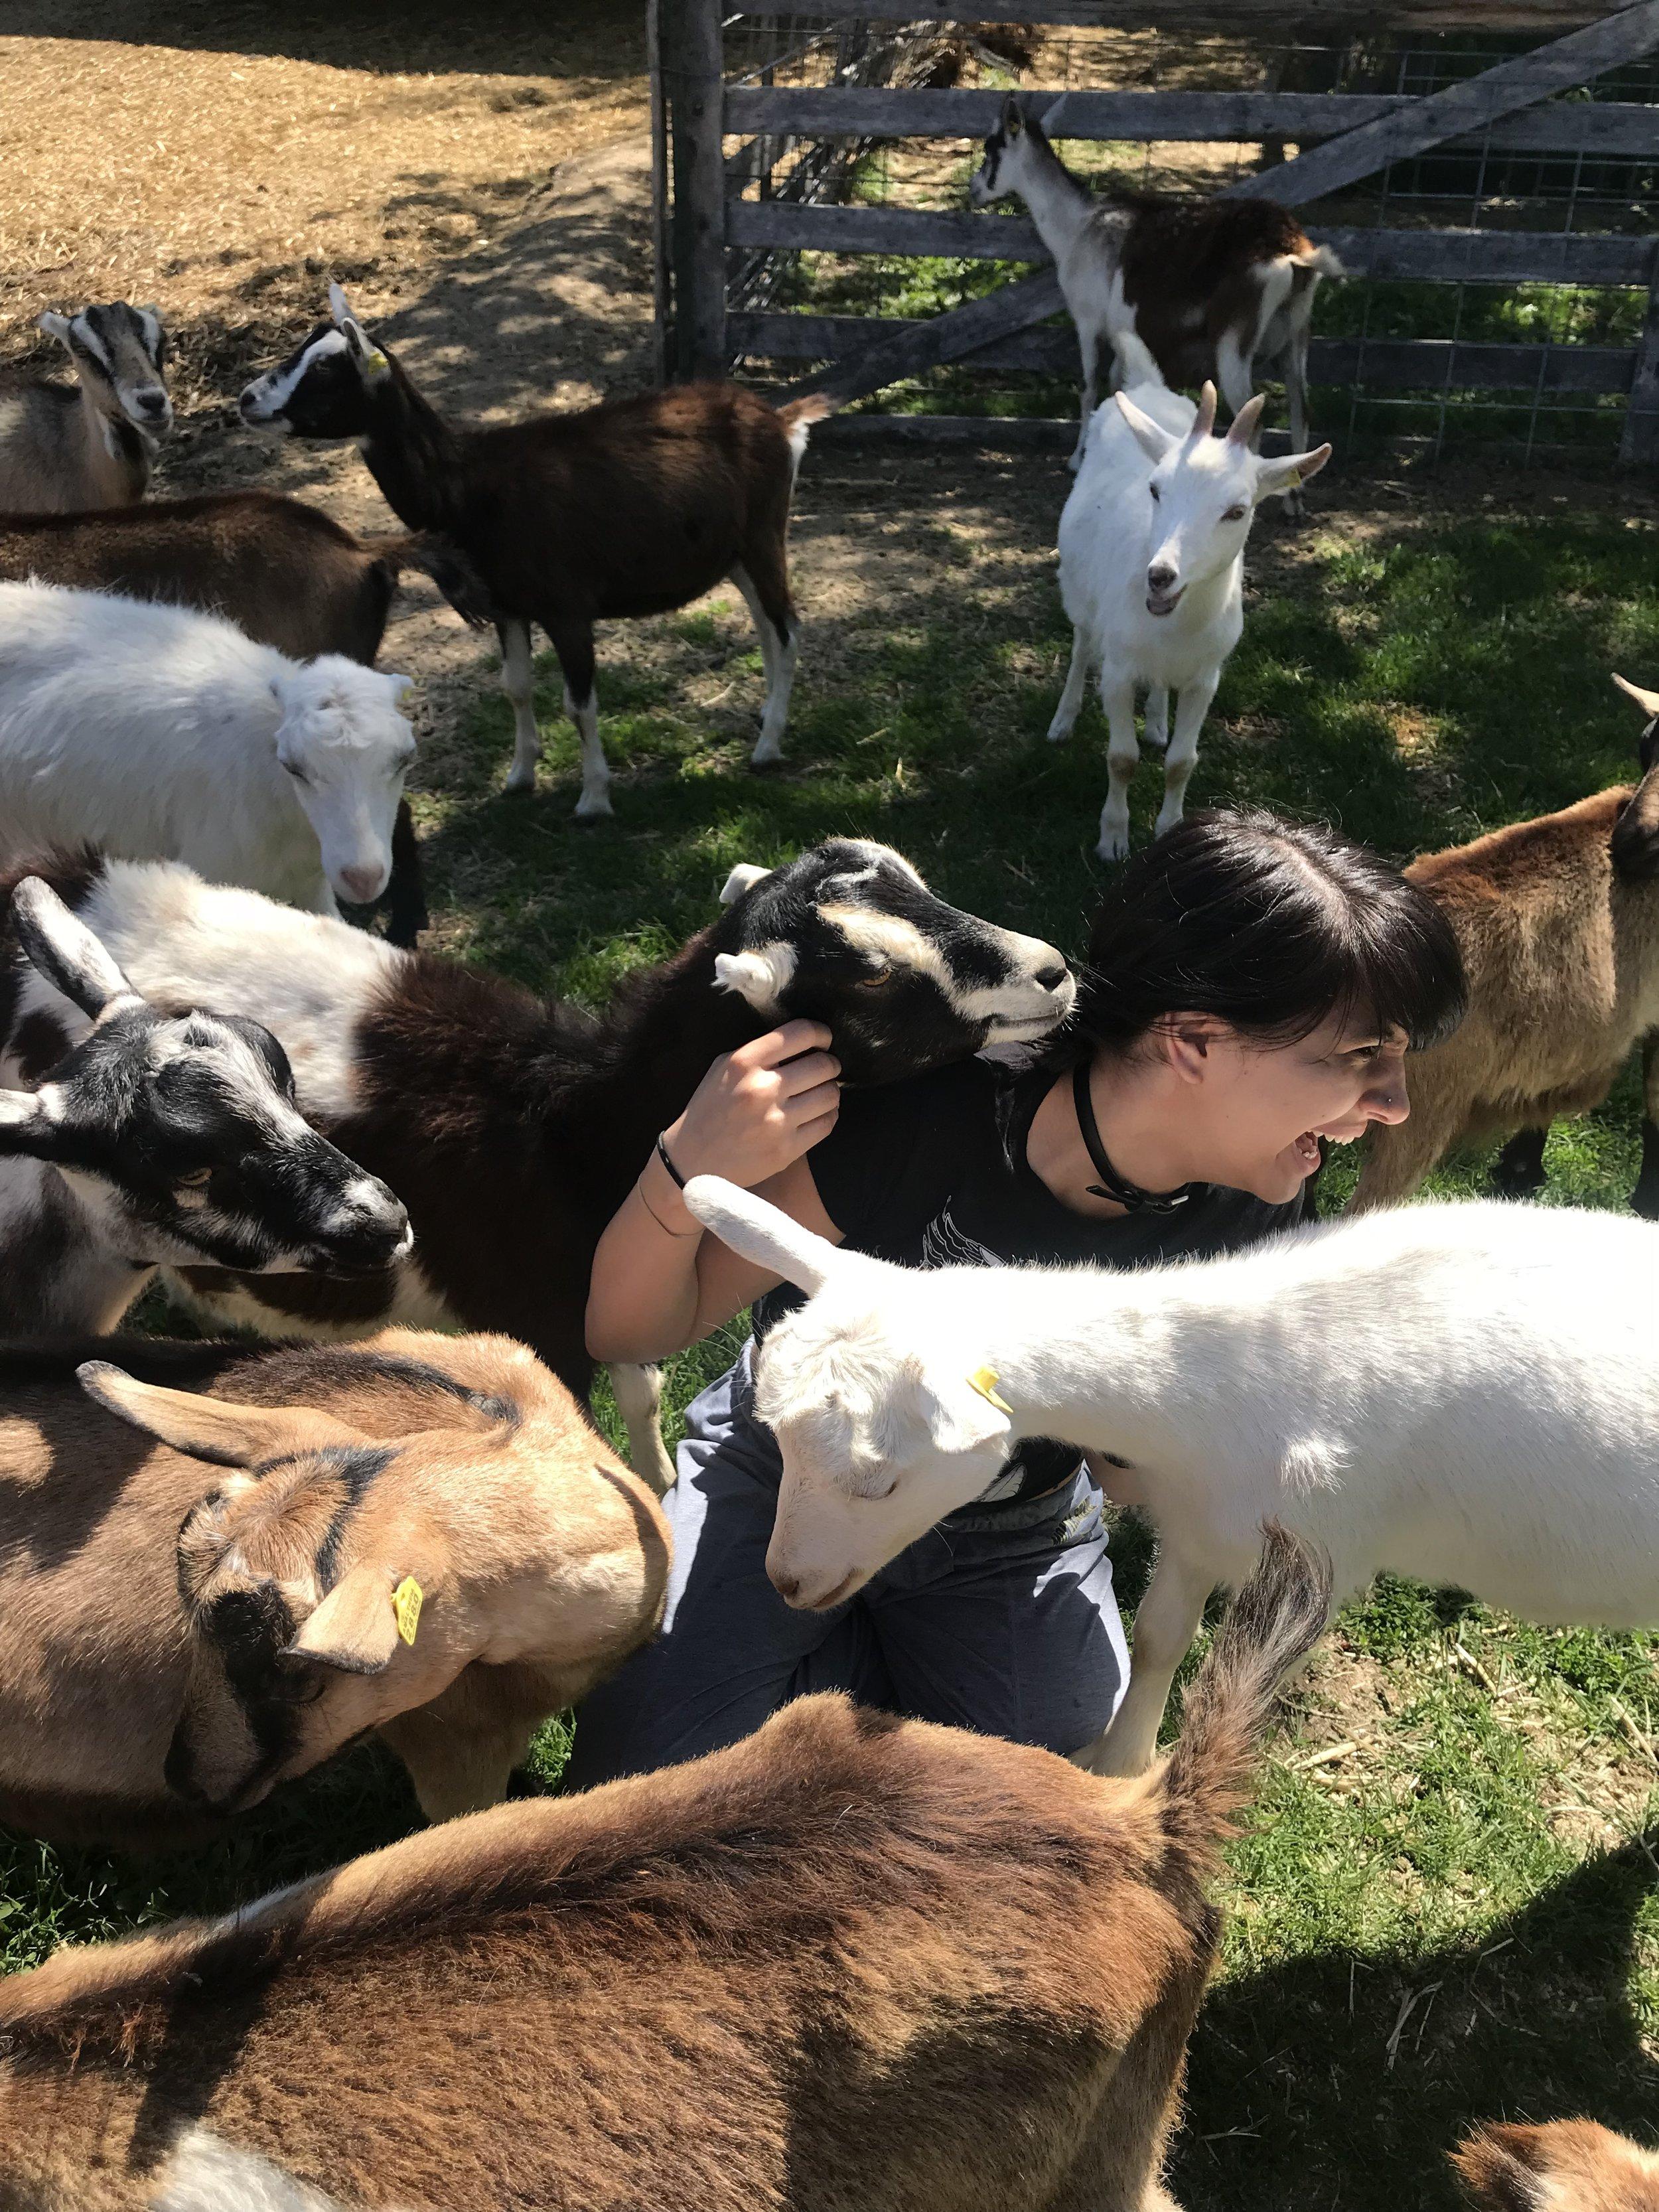 Senior participant Savannah making many new friends at Amalthea Farms.